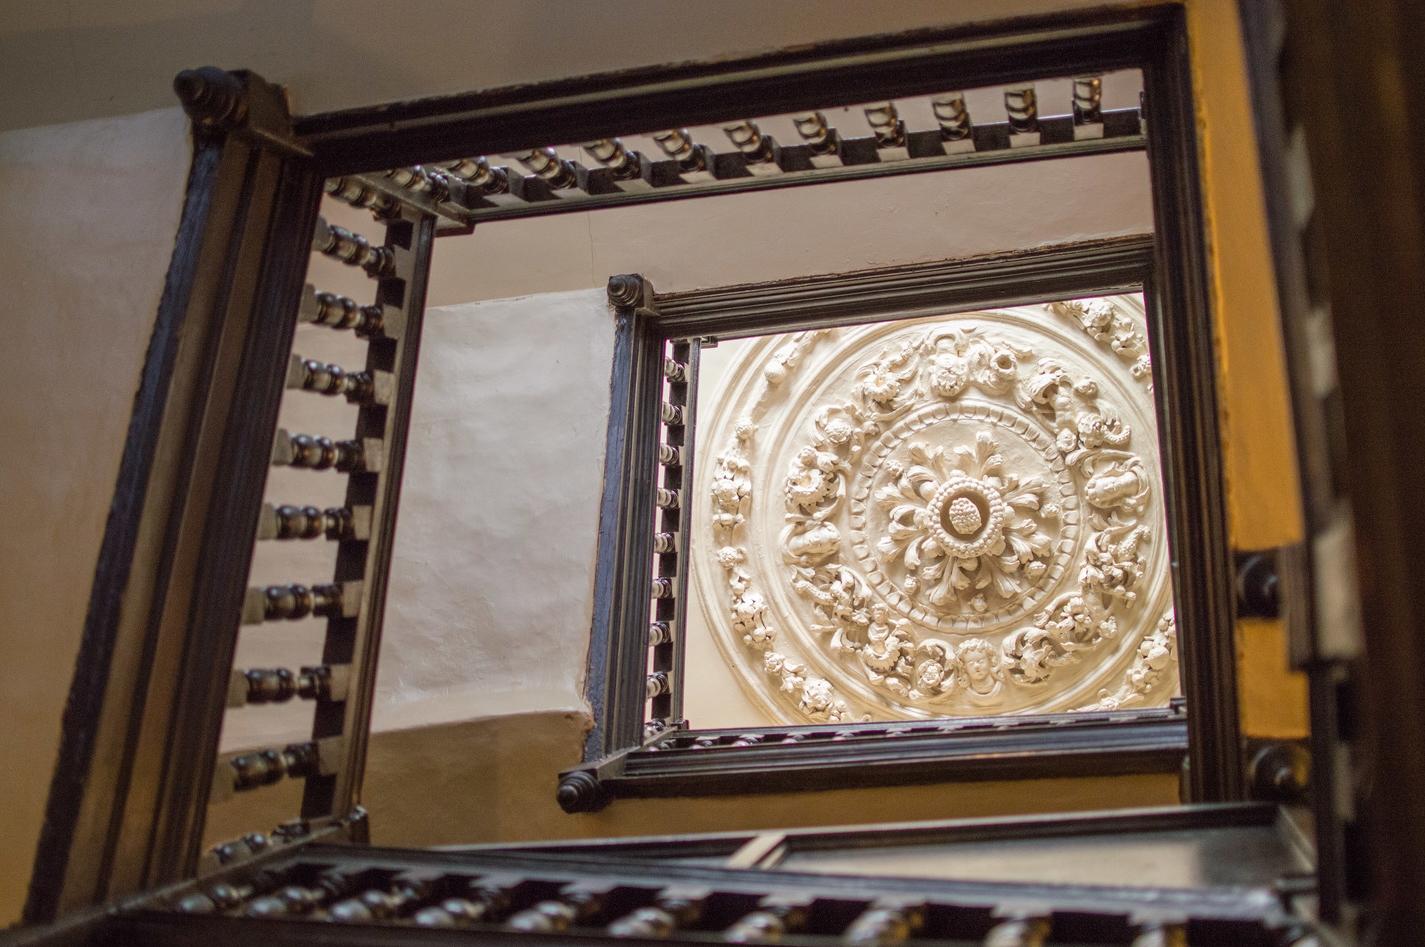 Druid's_Head_ceiling_rose.jpg